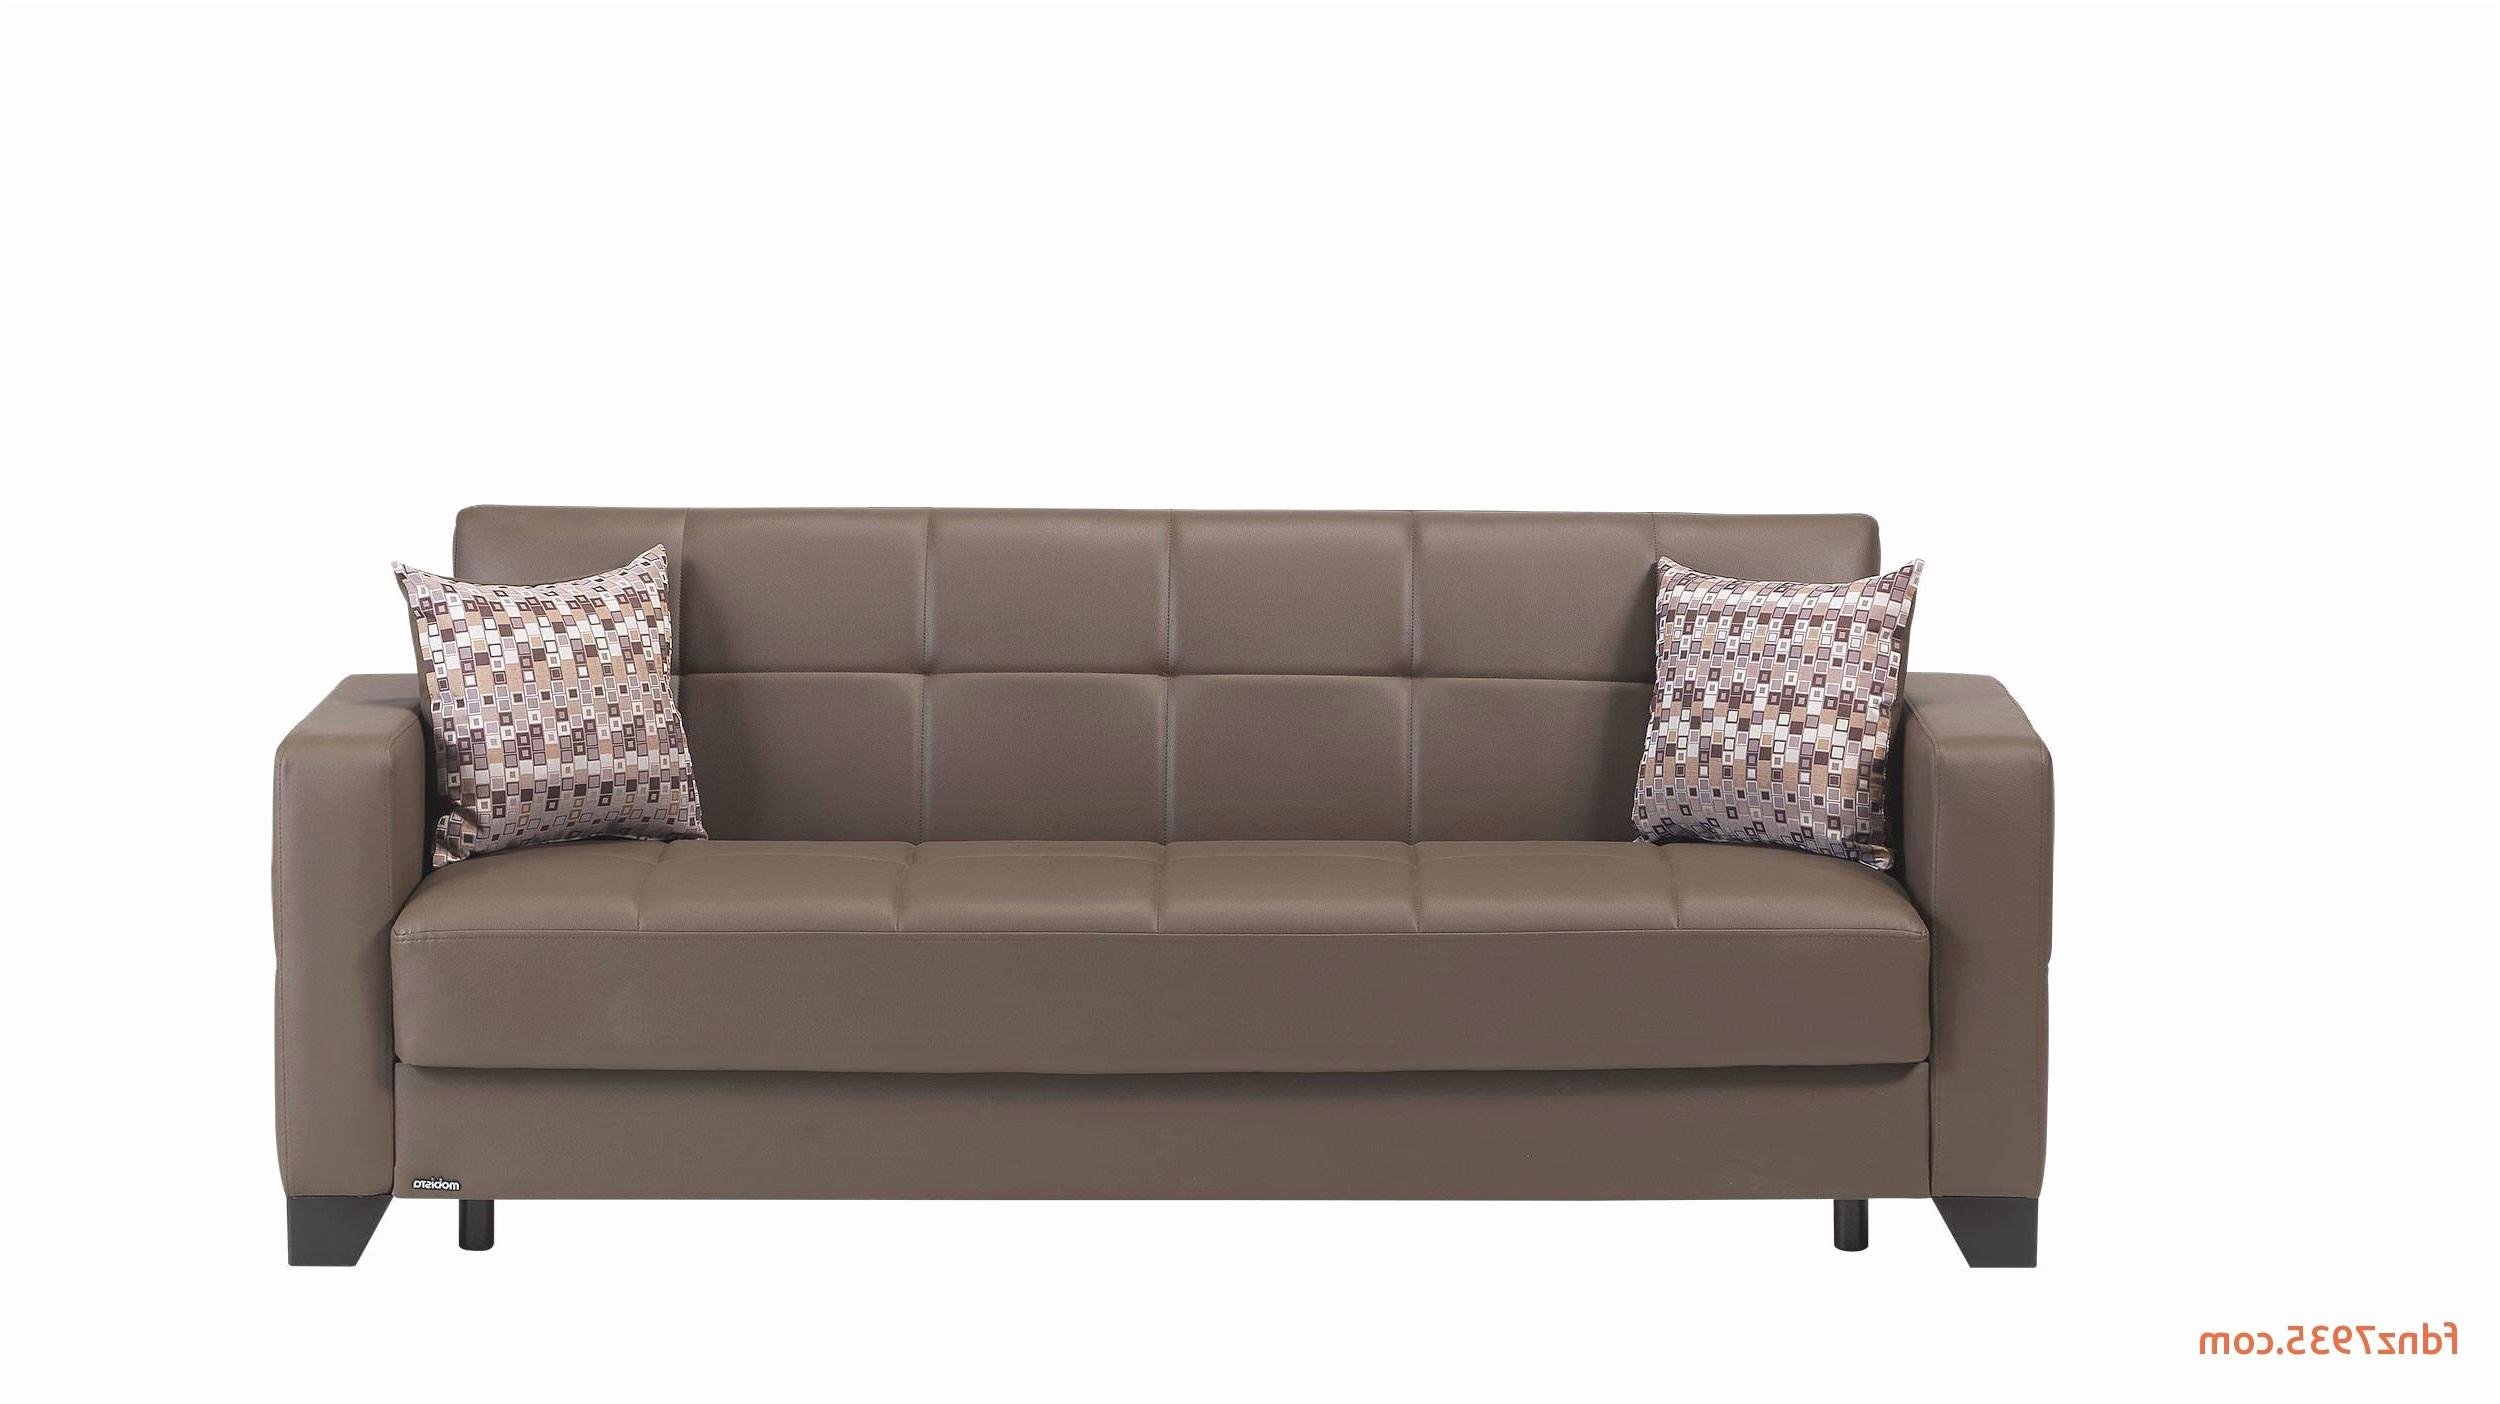 Fundas De sofa Ajustables Conforama Xtd6 Fundas De sofa Ajustables Conforama Sillas Con Fundas Teleycinema